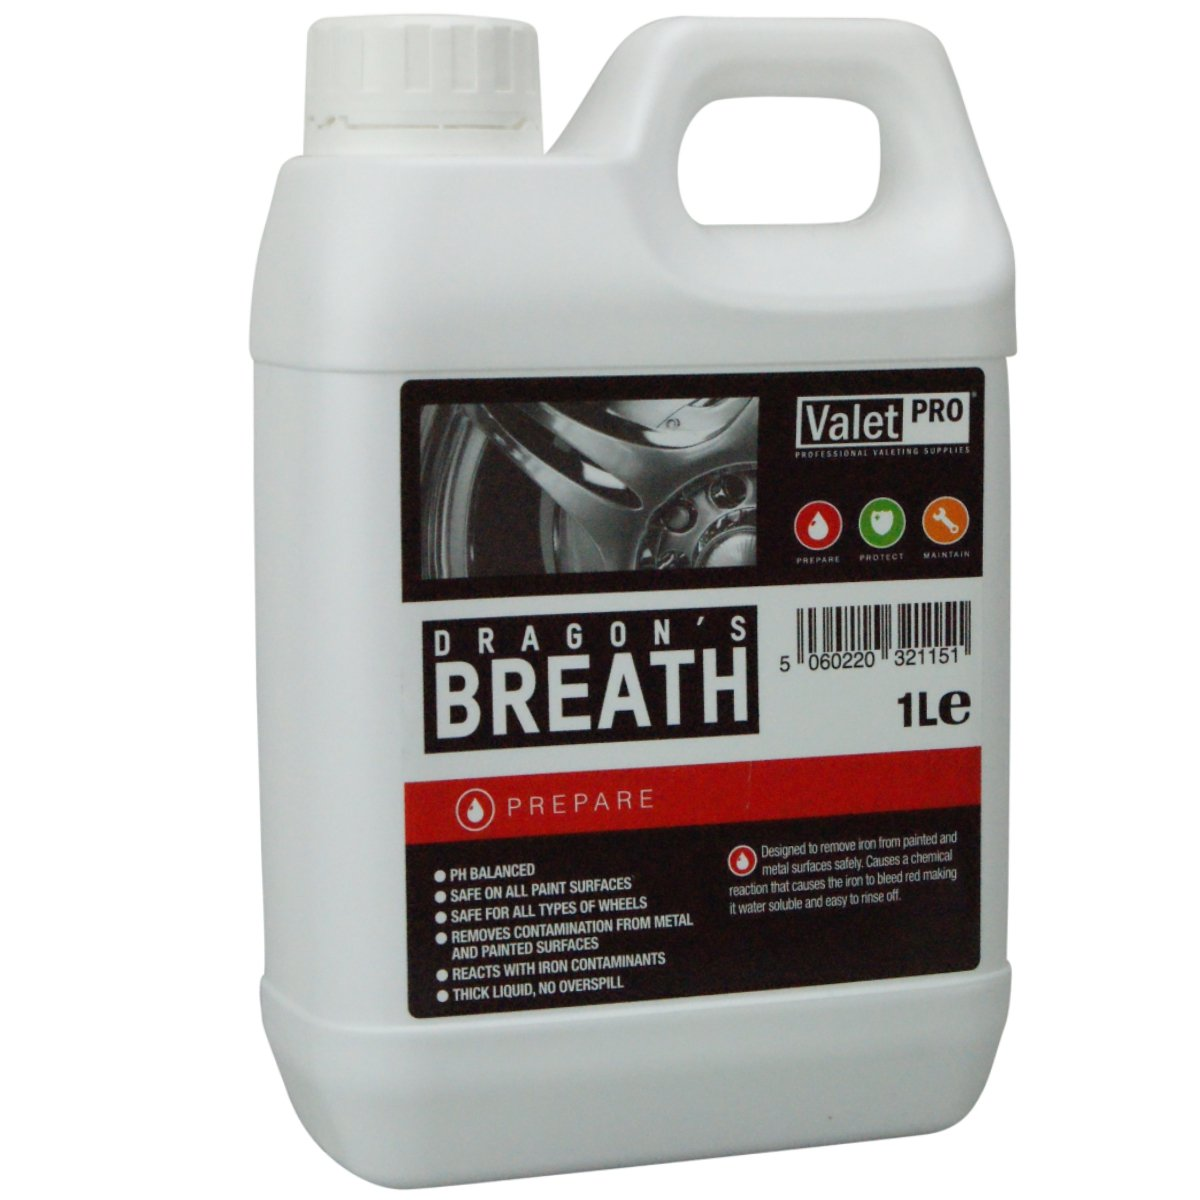 Valet PRO Dragon s Breath solvente per rimuovere  contaminazioni di ferro, (1 litro)